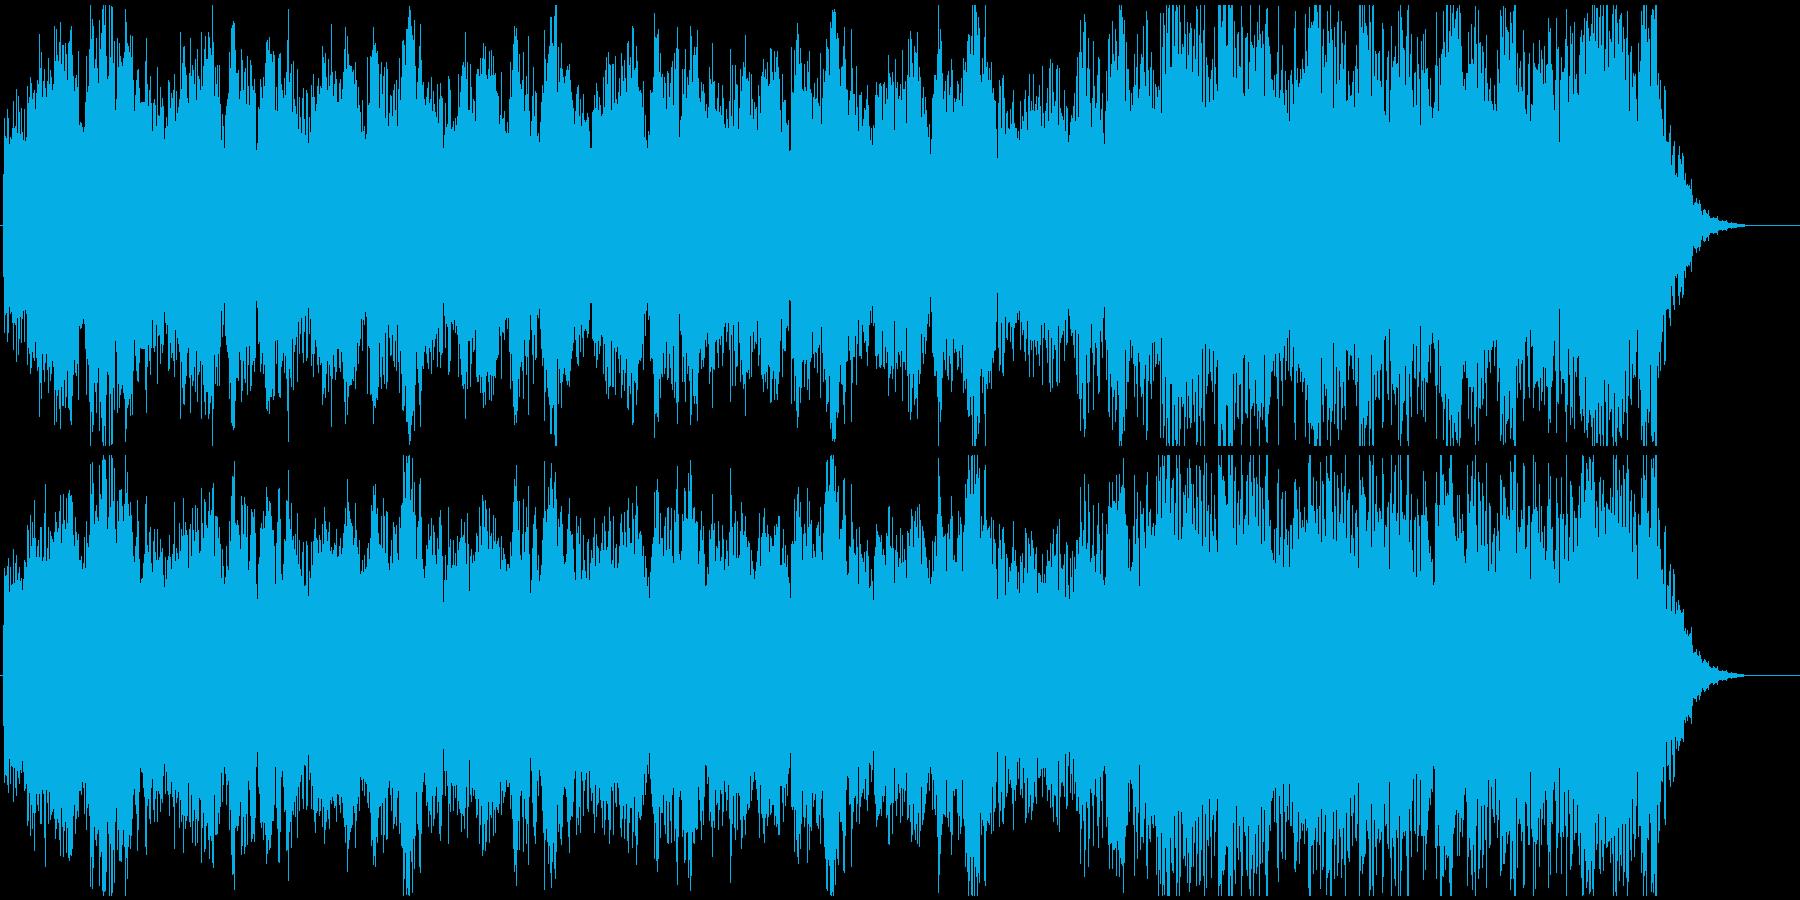 恐怖を煽るトレーラーの前半部分に最適の再生済みの波形